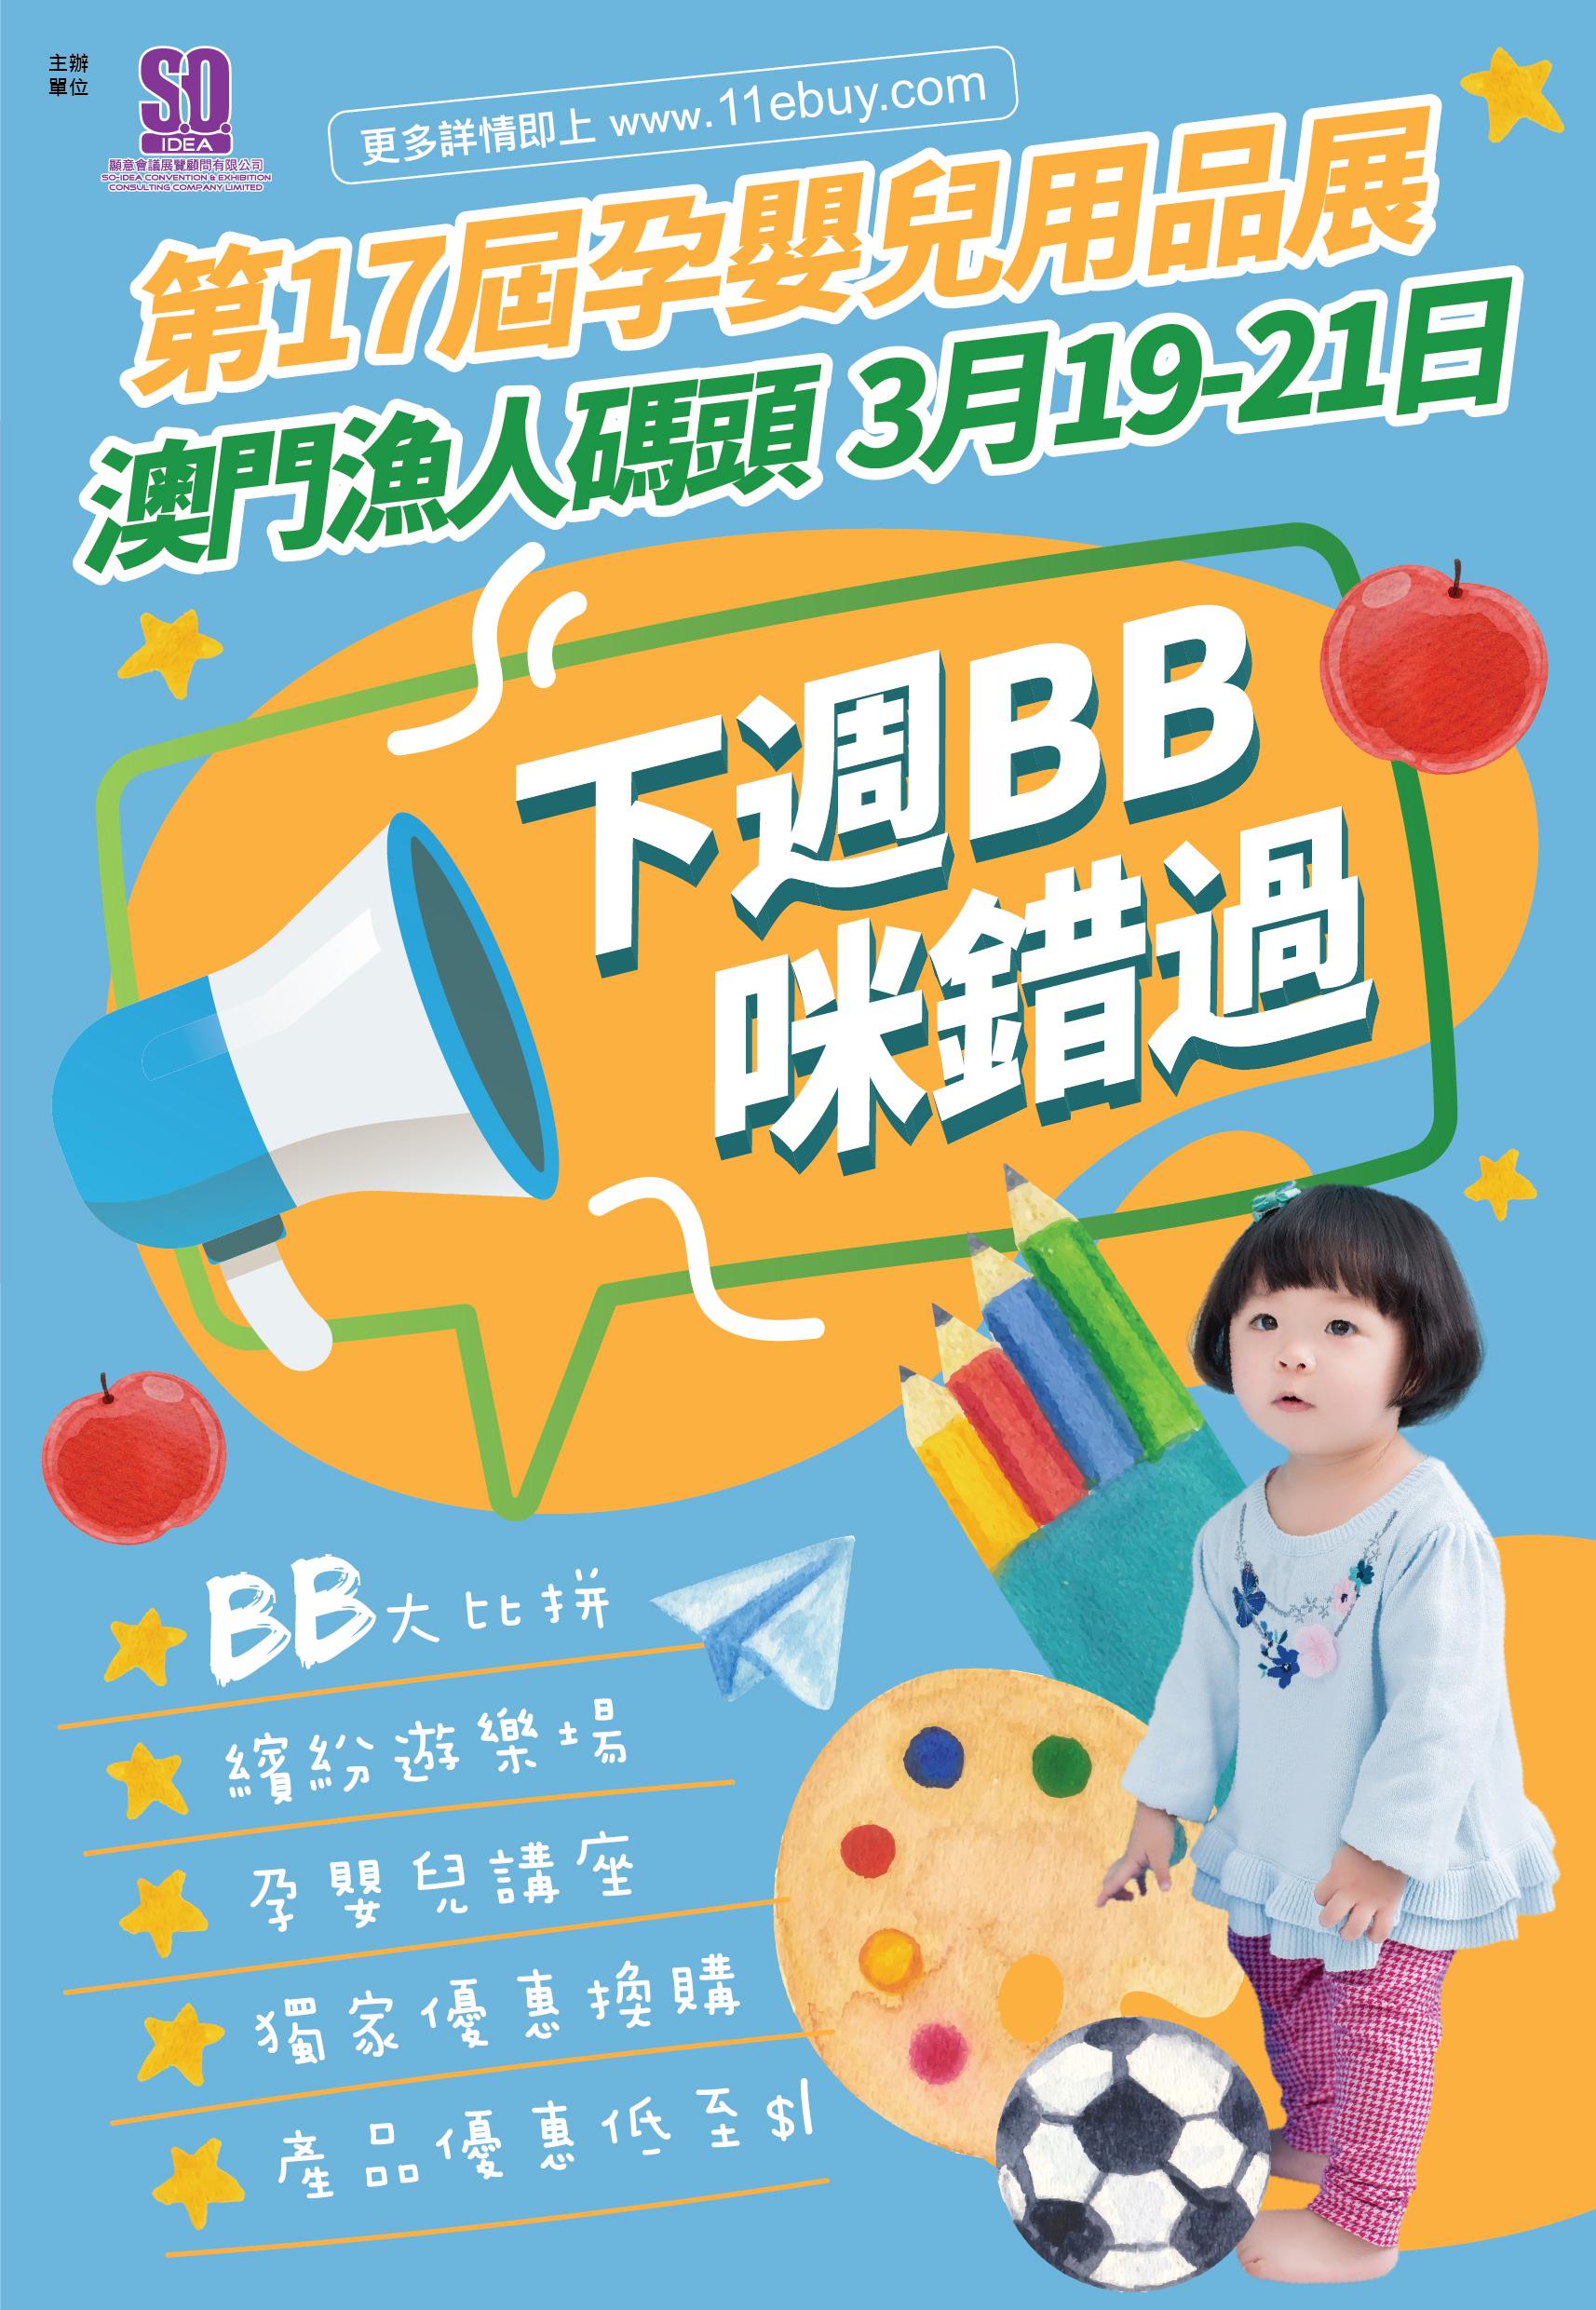 2021輔具展_Leaflet_4